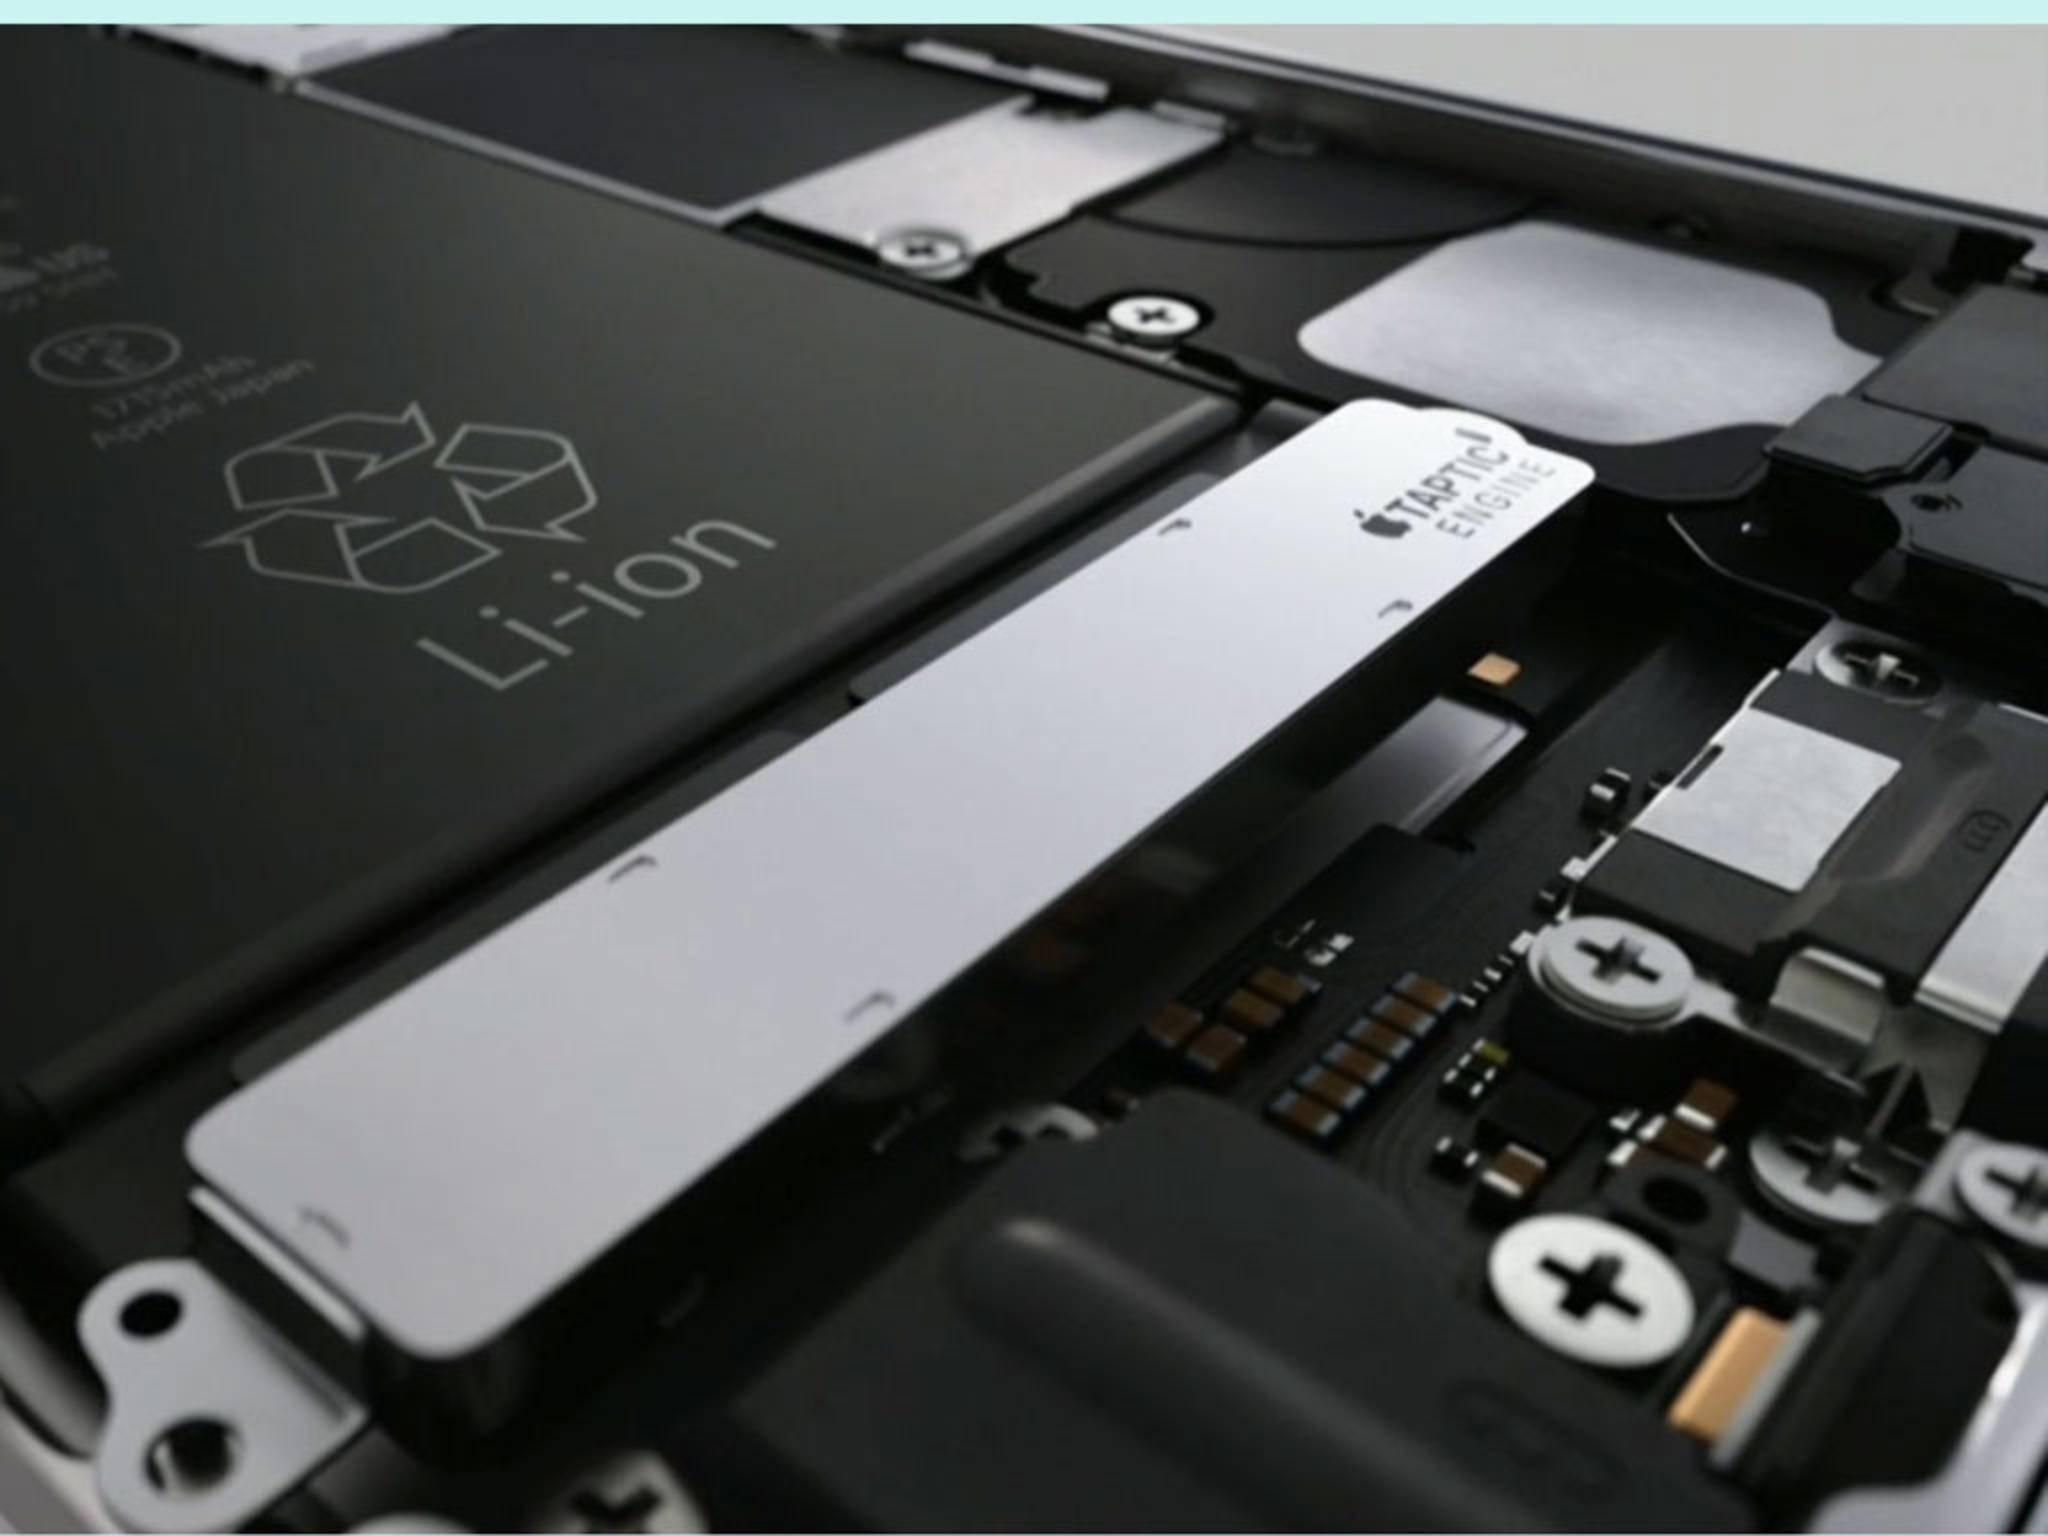 Die Taptic Engine soll im iPhone 8 wesentlich differenzierter funktionieren.